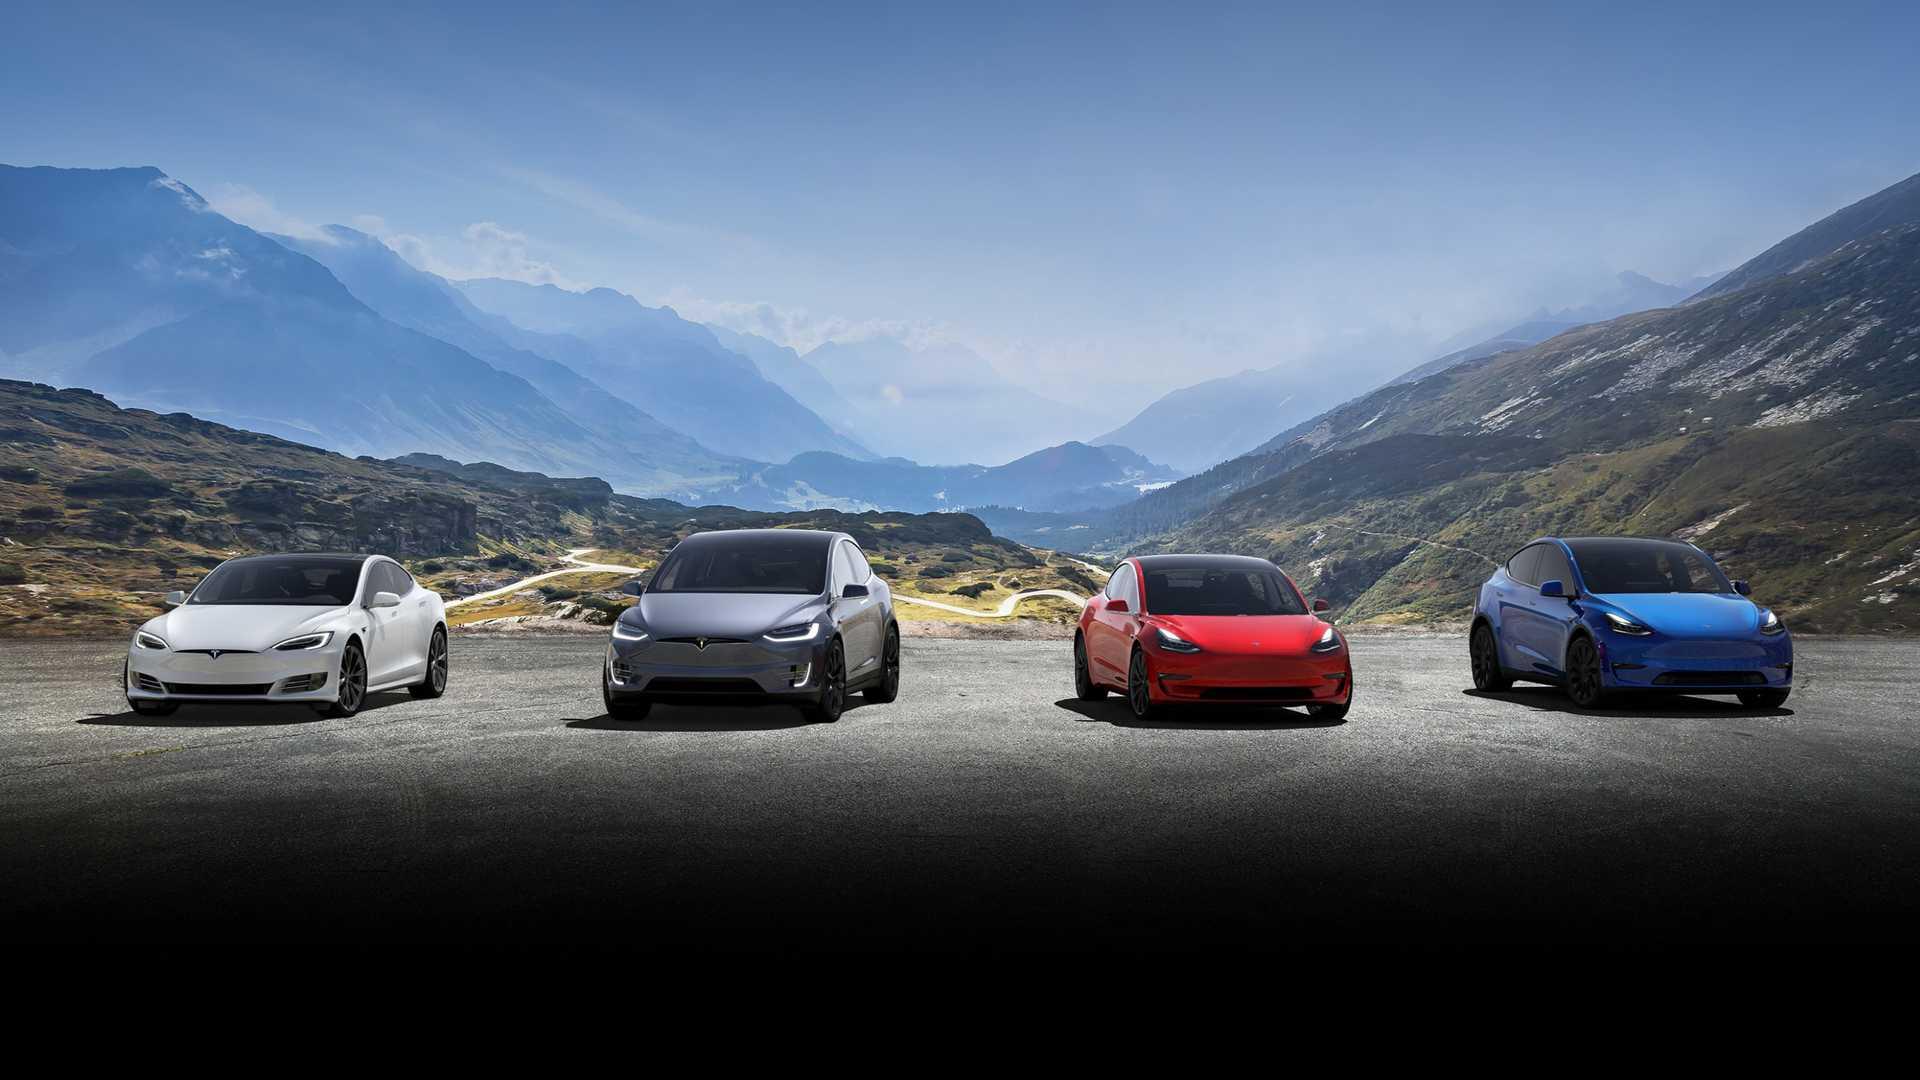 Ассортимент электромобилей, цены и многое другое для США - 1 июня 2020 г.